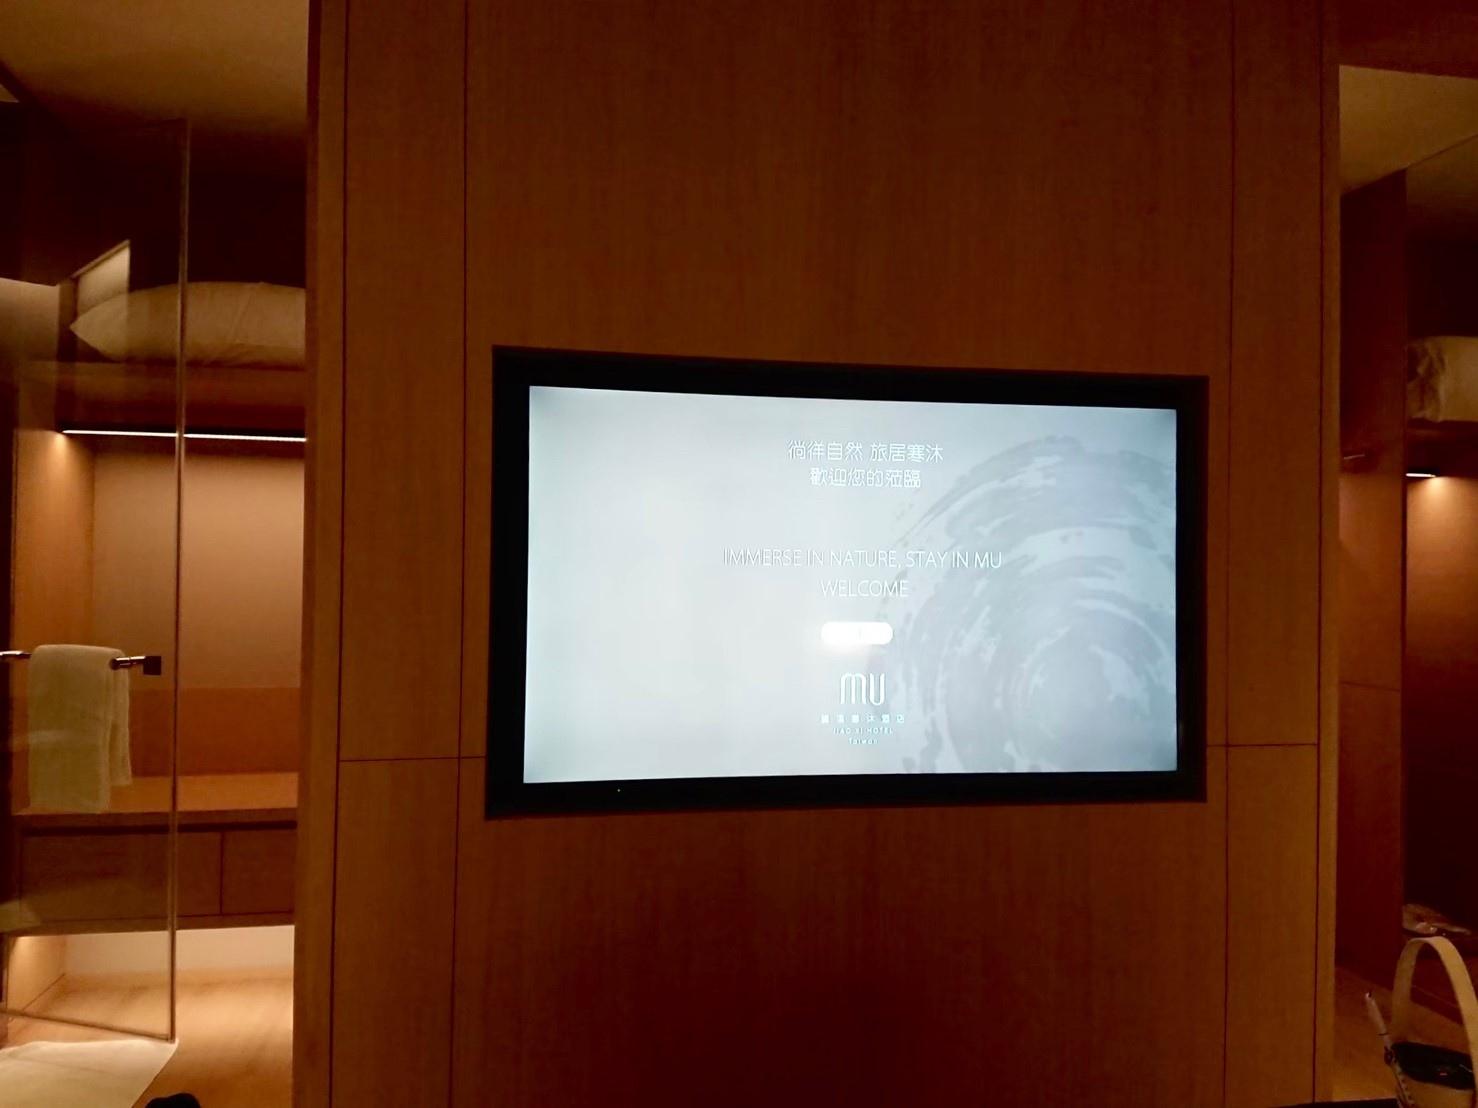 【宜蘭礁溪】寒沐酒店 MU JIAO XI HOTEL│寒沐行館挑戰頂級湯屋,自在放鬆的奢華五星級泡湯享受!